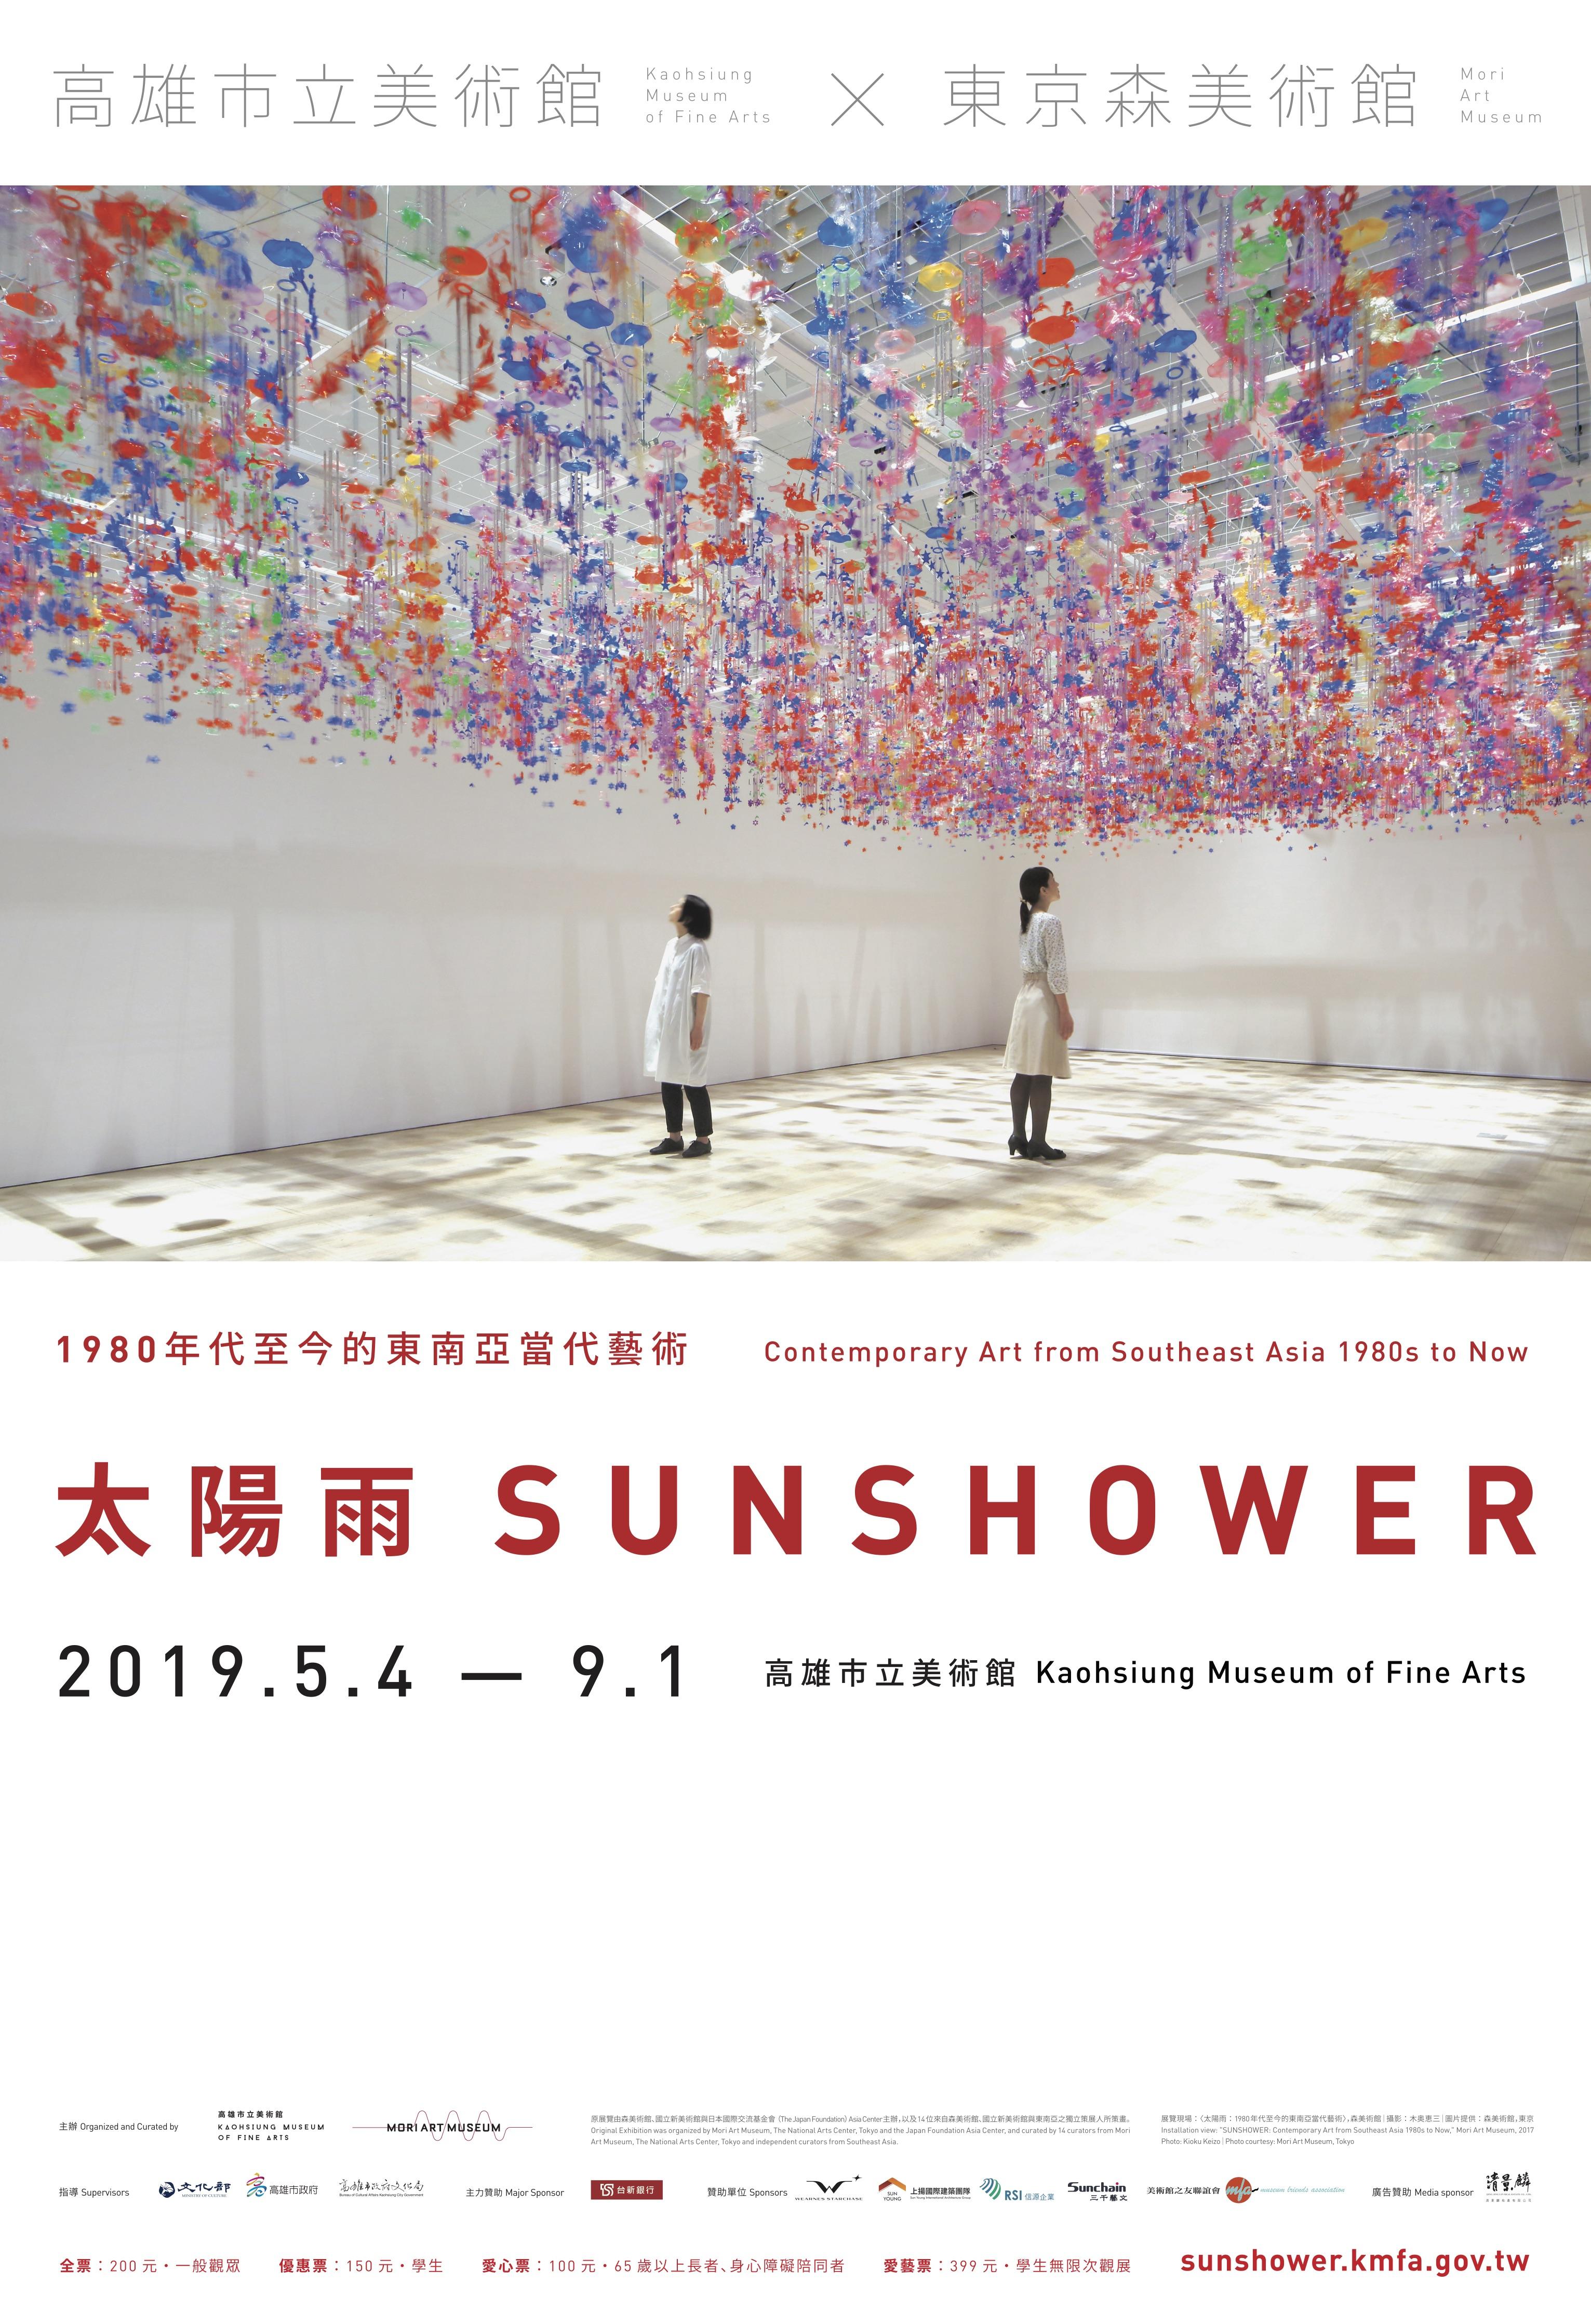 高美館年度特展《太陽雨:1980年代至今的東南亞當代藝術》